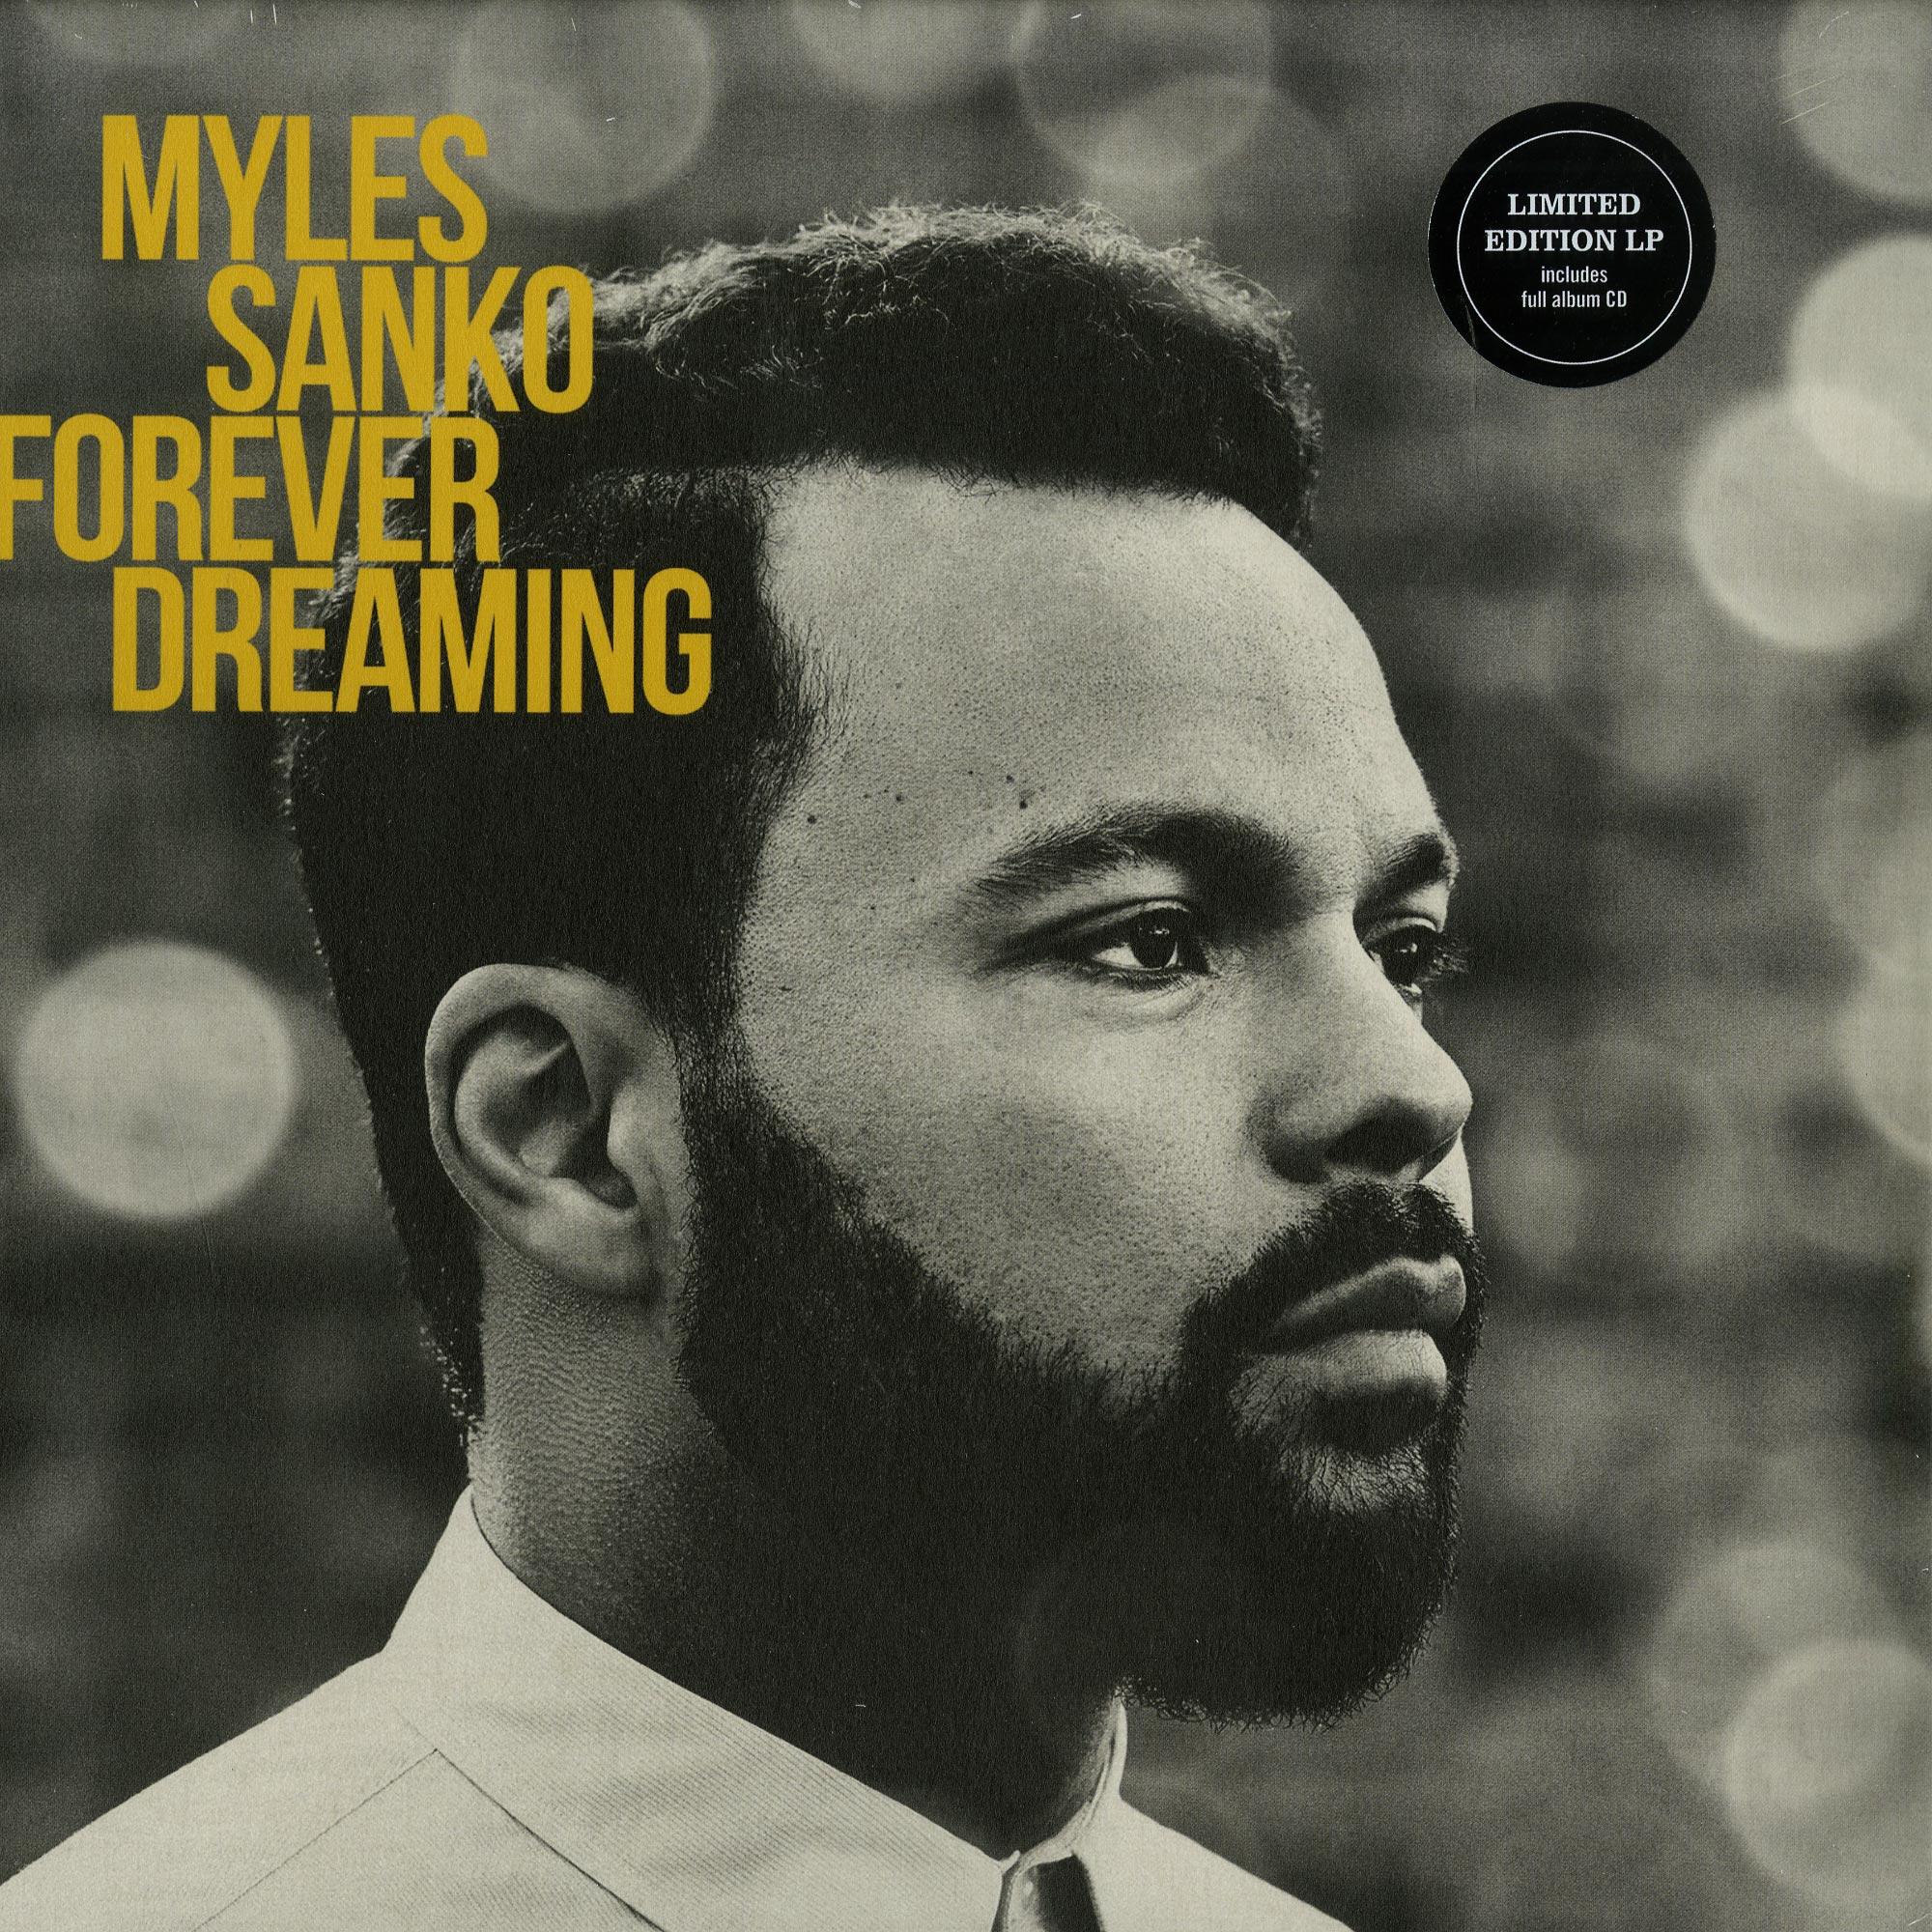 Myles Sanko - FOREVER DREAMING